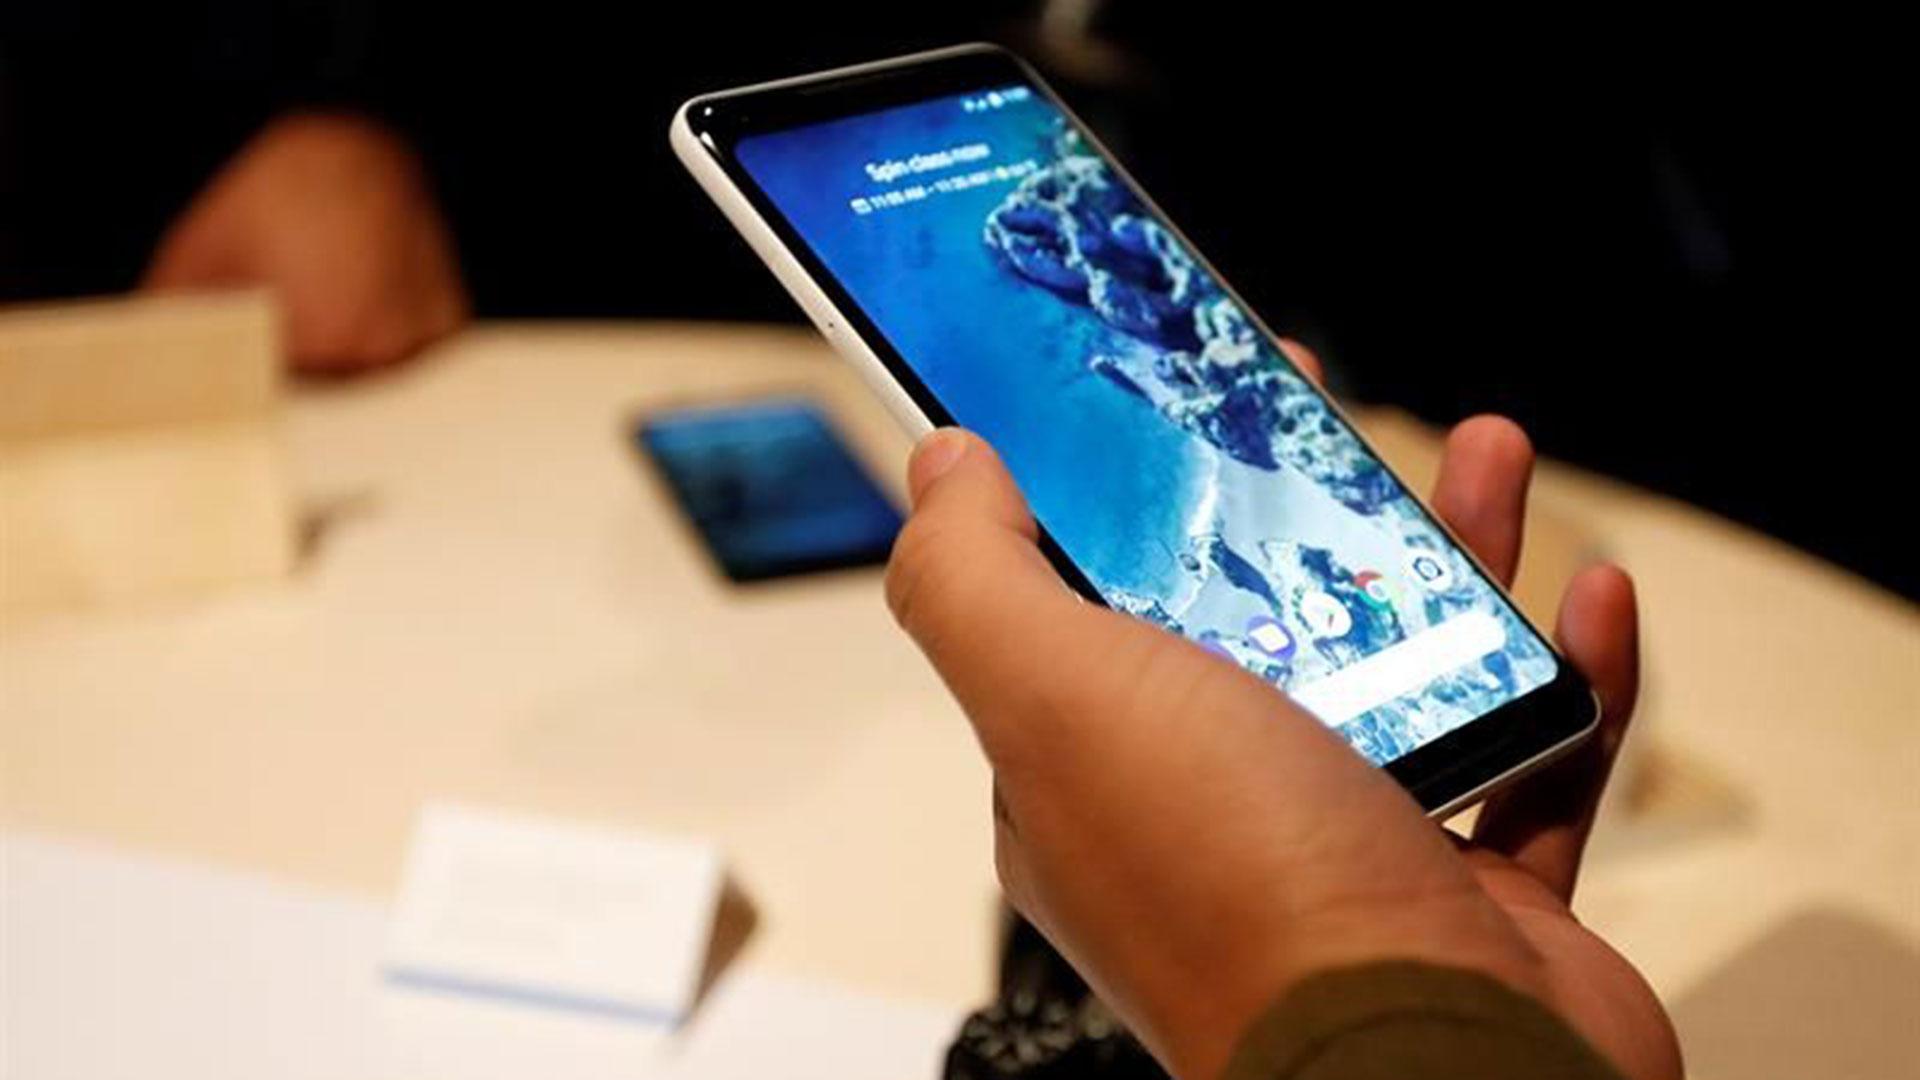 Los retos difundidos a través de redes sociales tienen en alerta a las autoridades de distintos estados (Foto: Archivo)